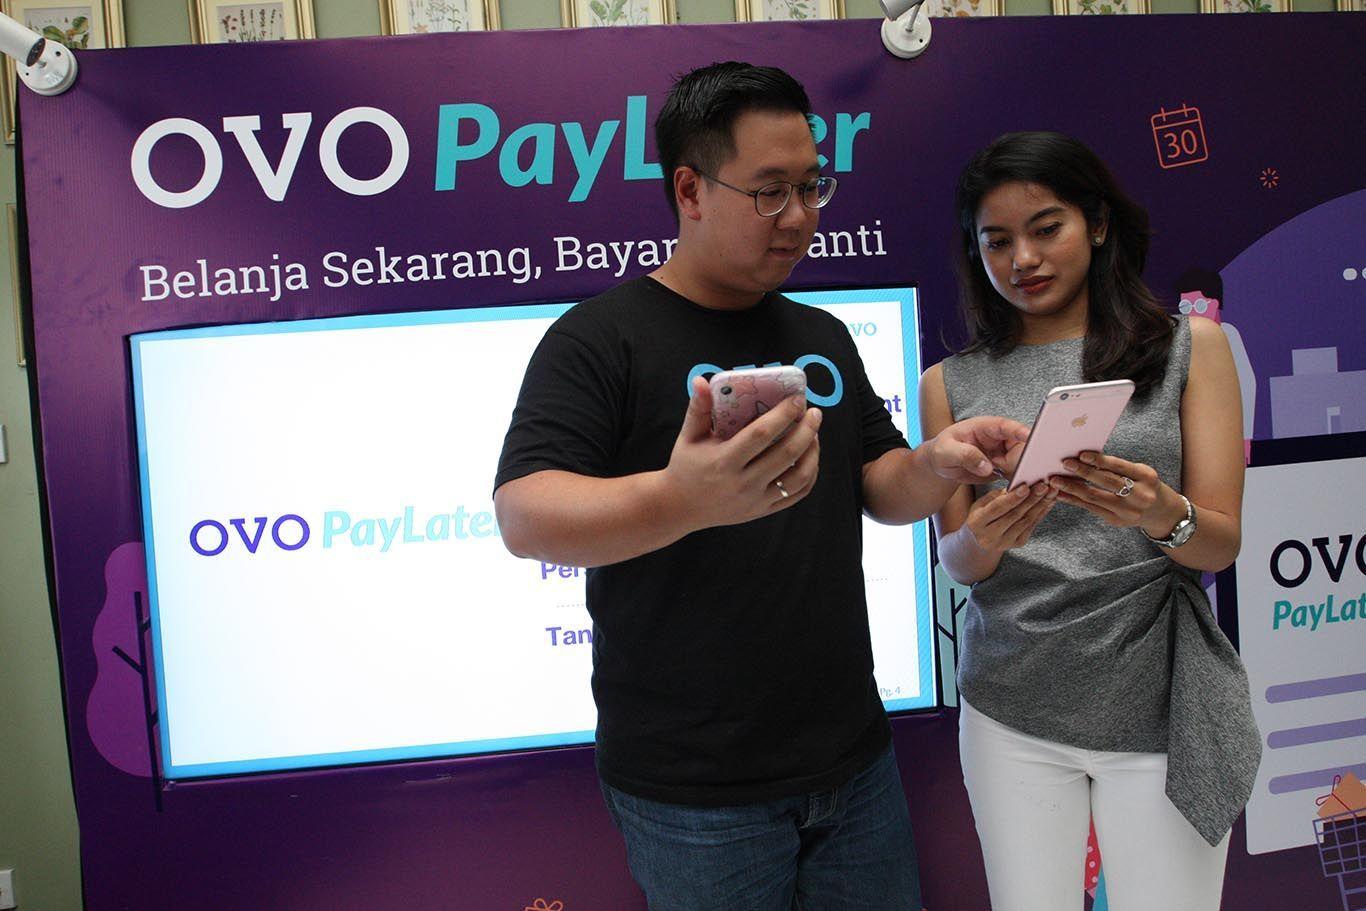 OVO PayLater Solusi Dana Talangan Bagi yang Nggak Punya Kartu Kredit